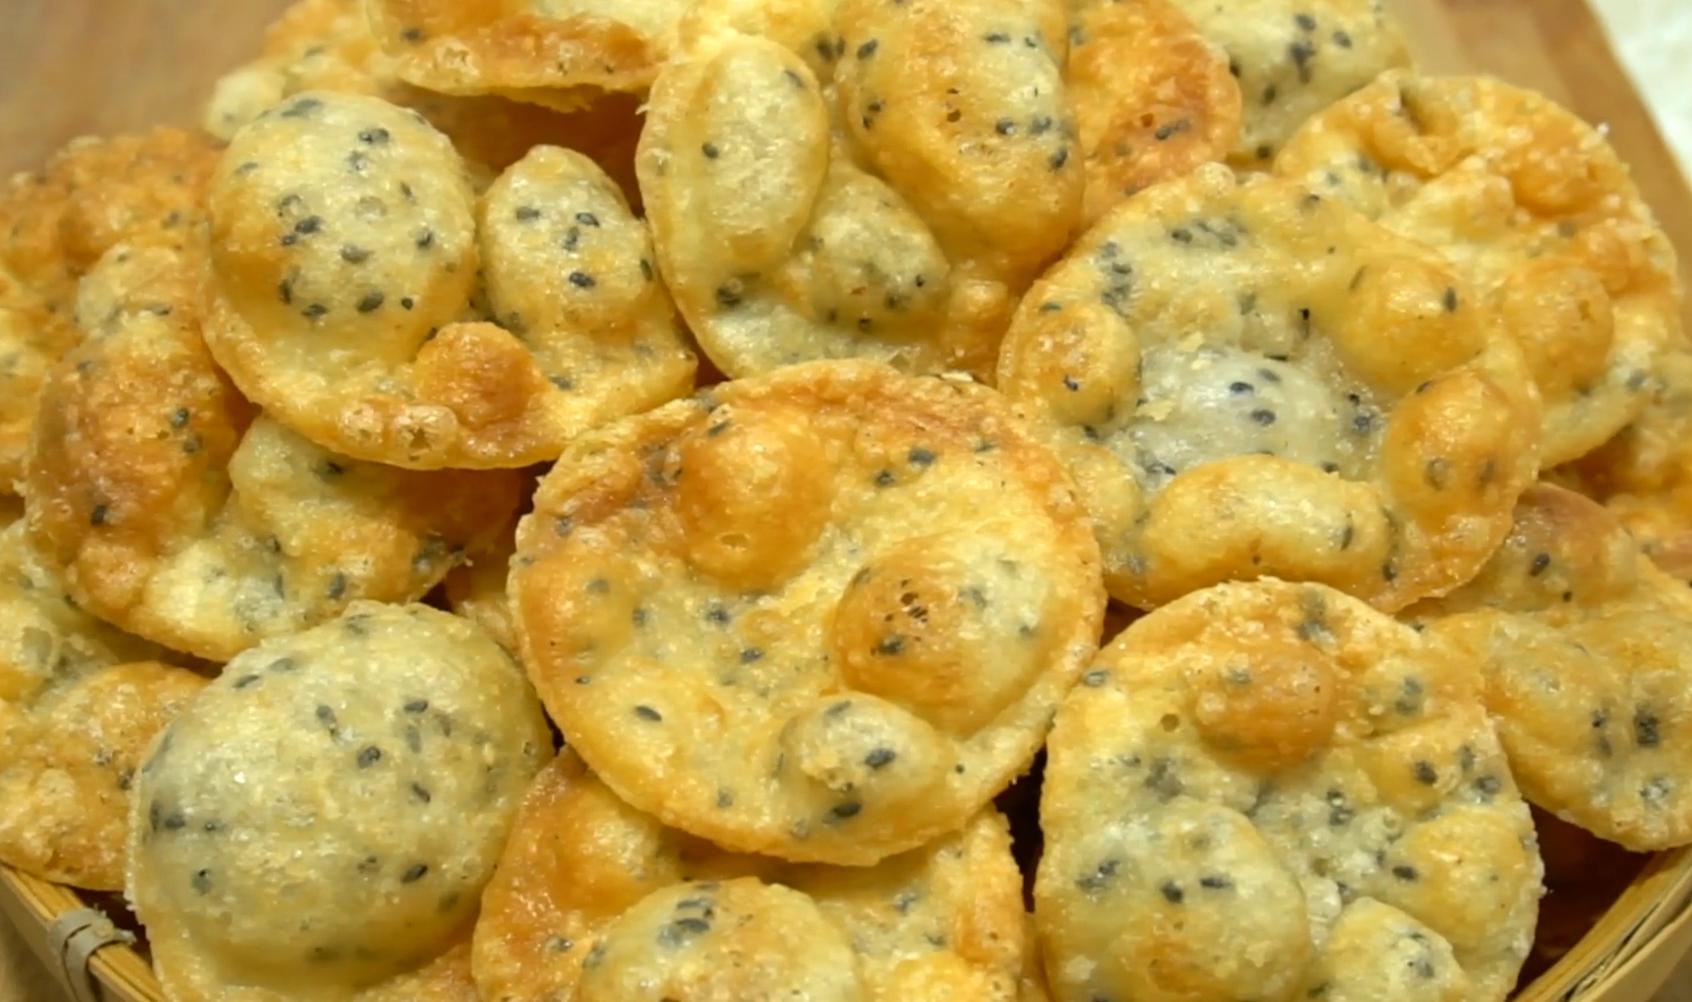 孩子最爱的糯米薄脆饼,2分钟就出一锅,咬一口嘎嘣脆,奶香浓郁